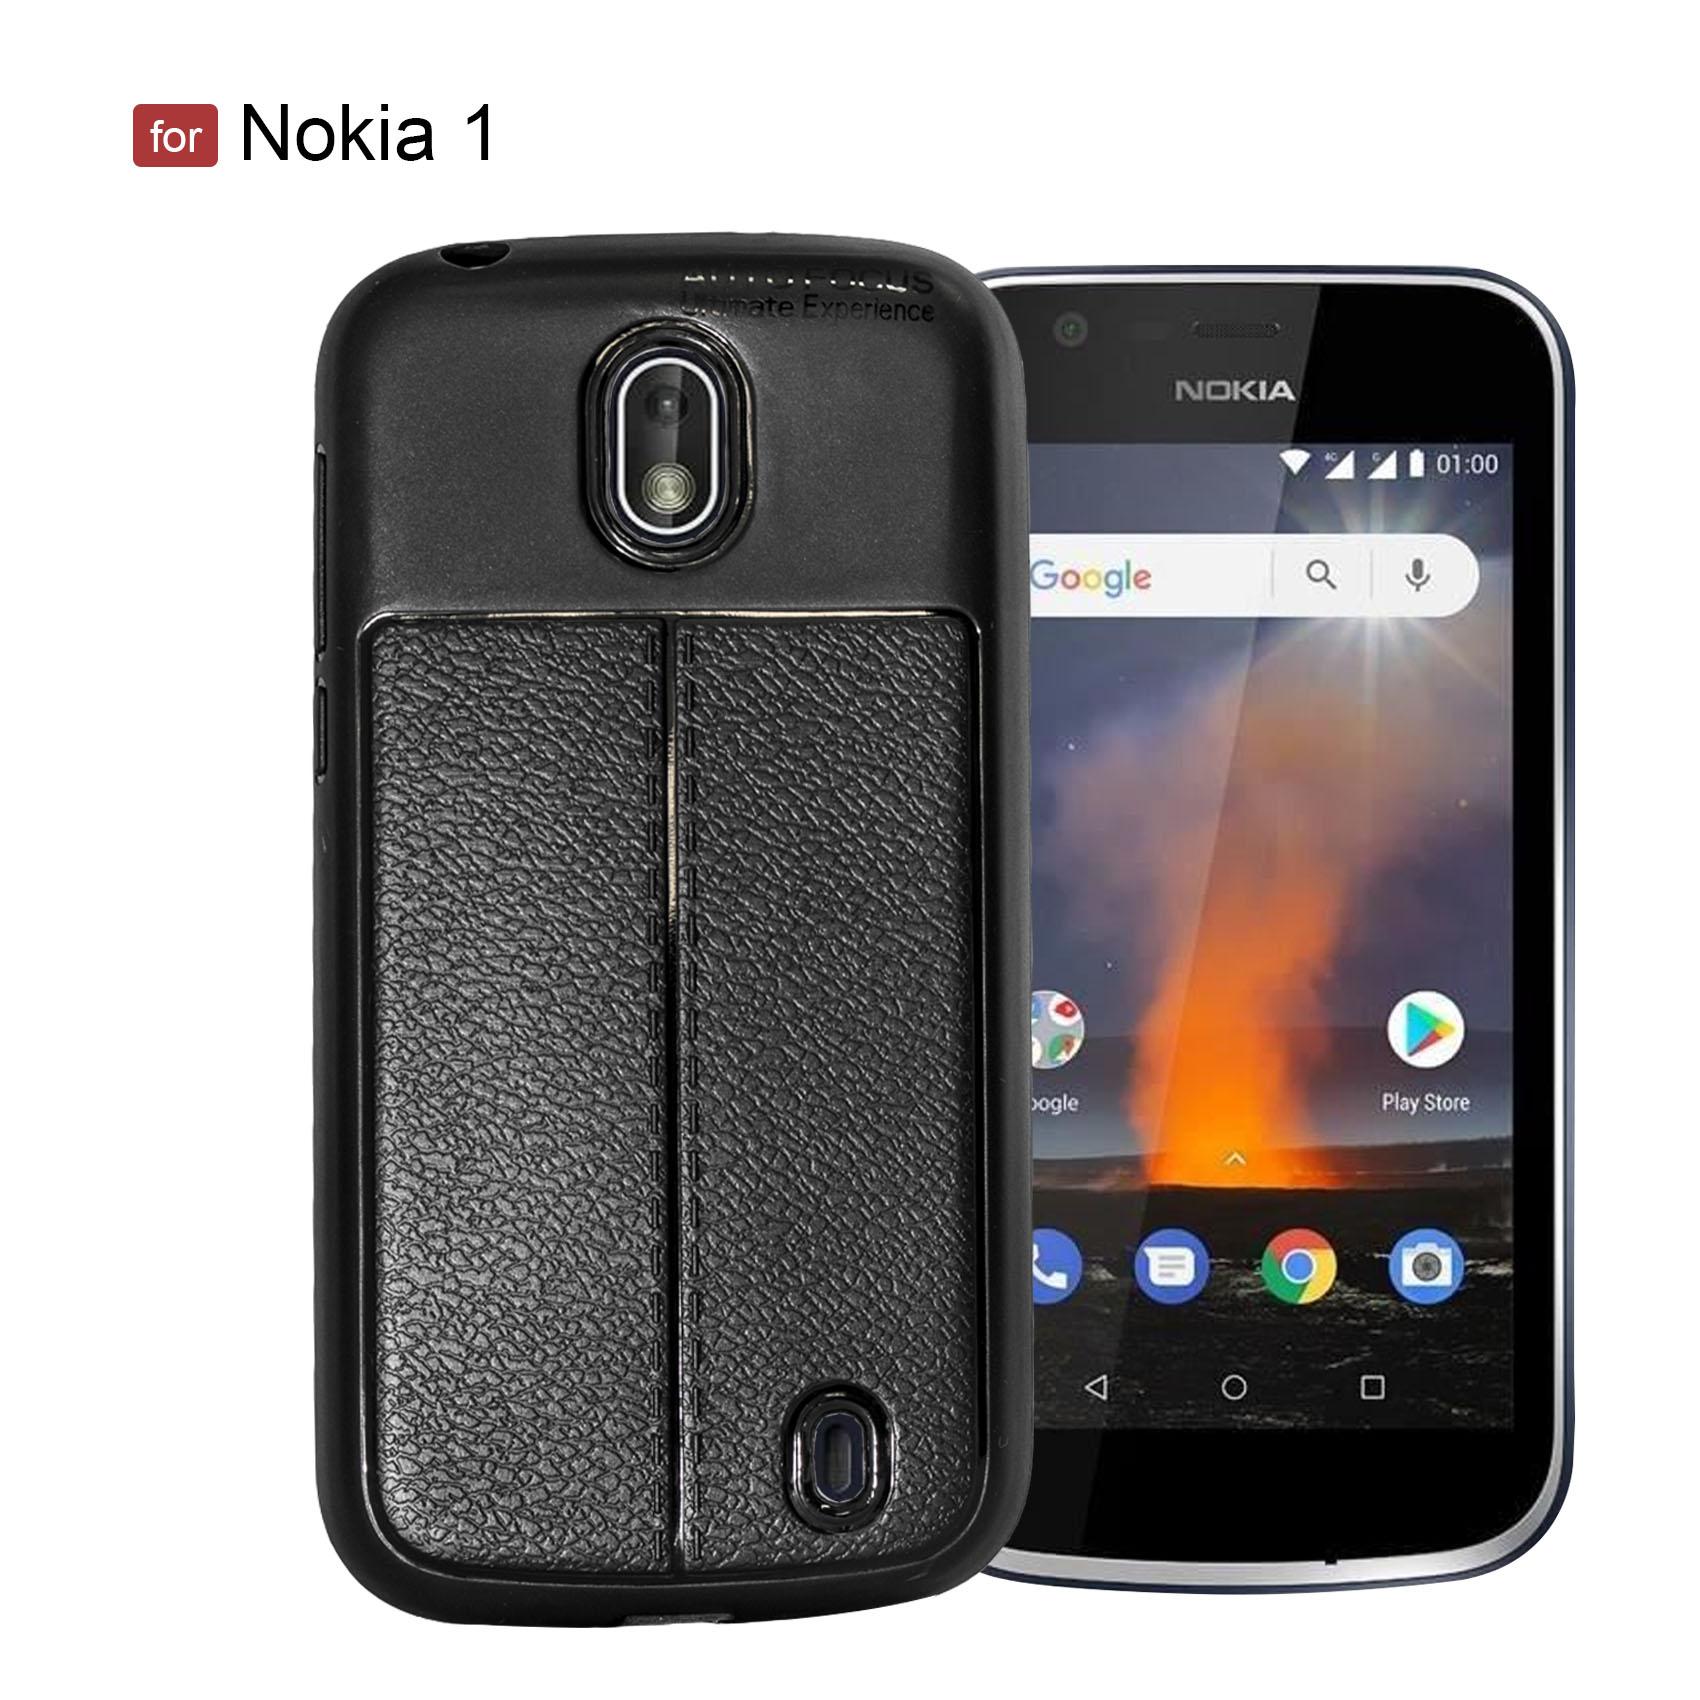 Nokia 1 Autofocus Silicon Back Cover Case - Black